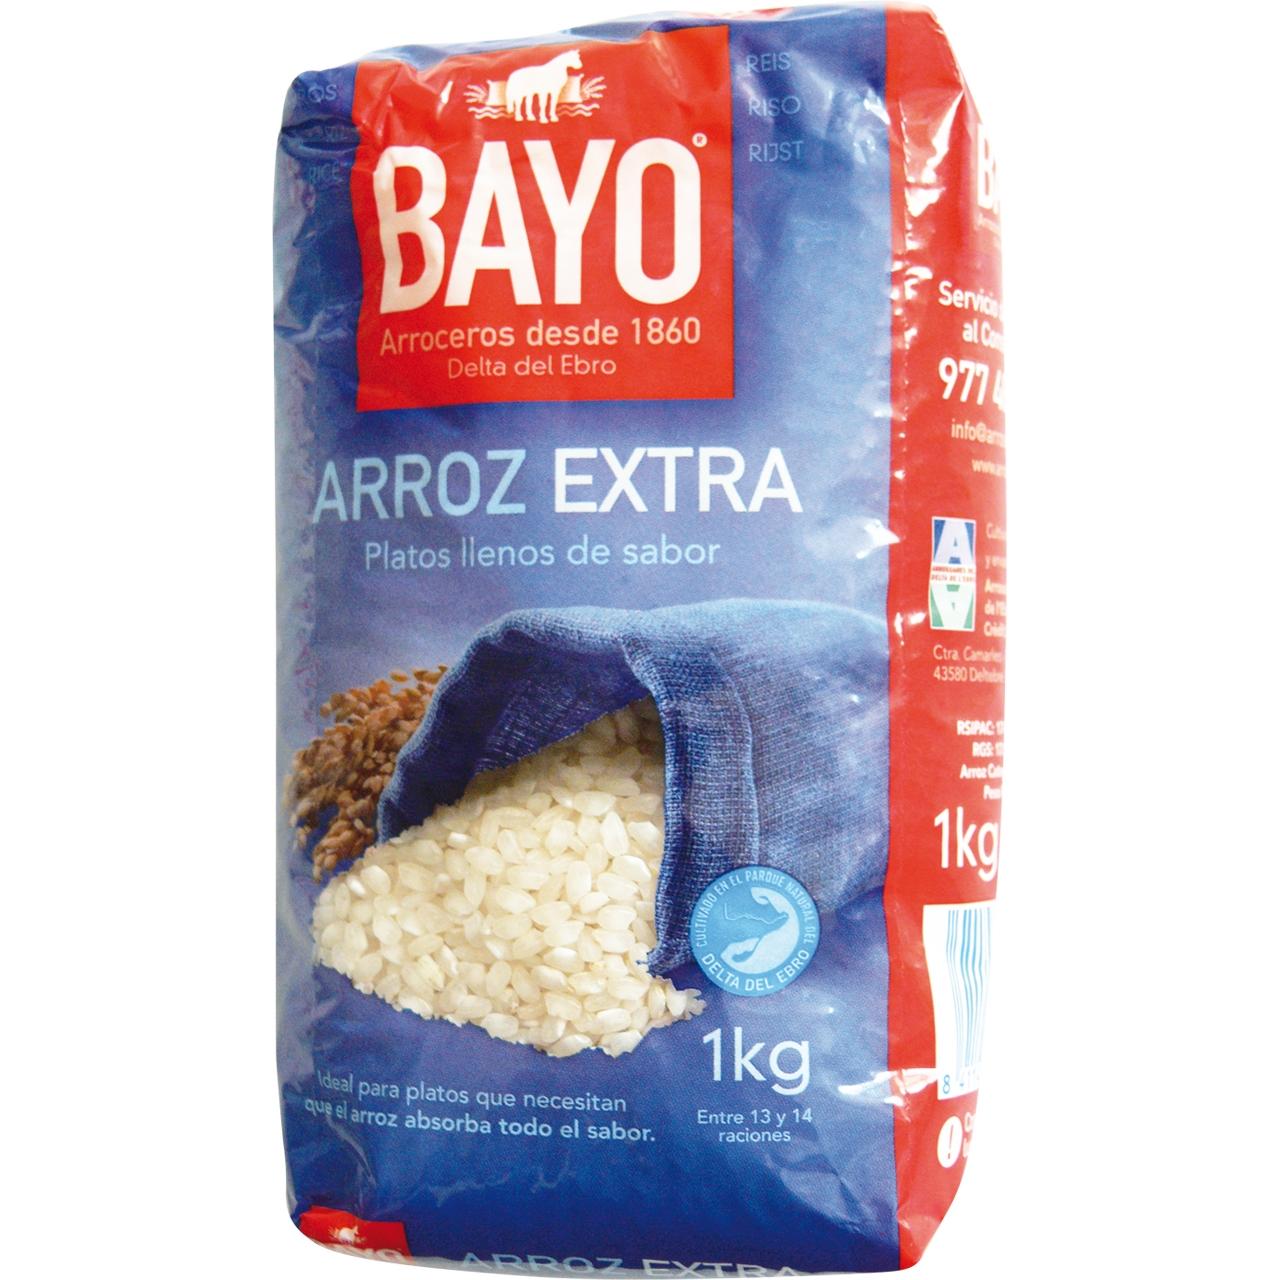 Arroz Extra 1Kg. Bayo